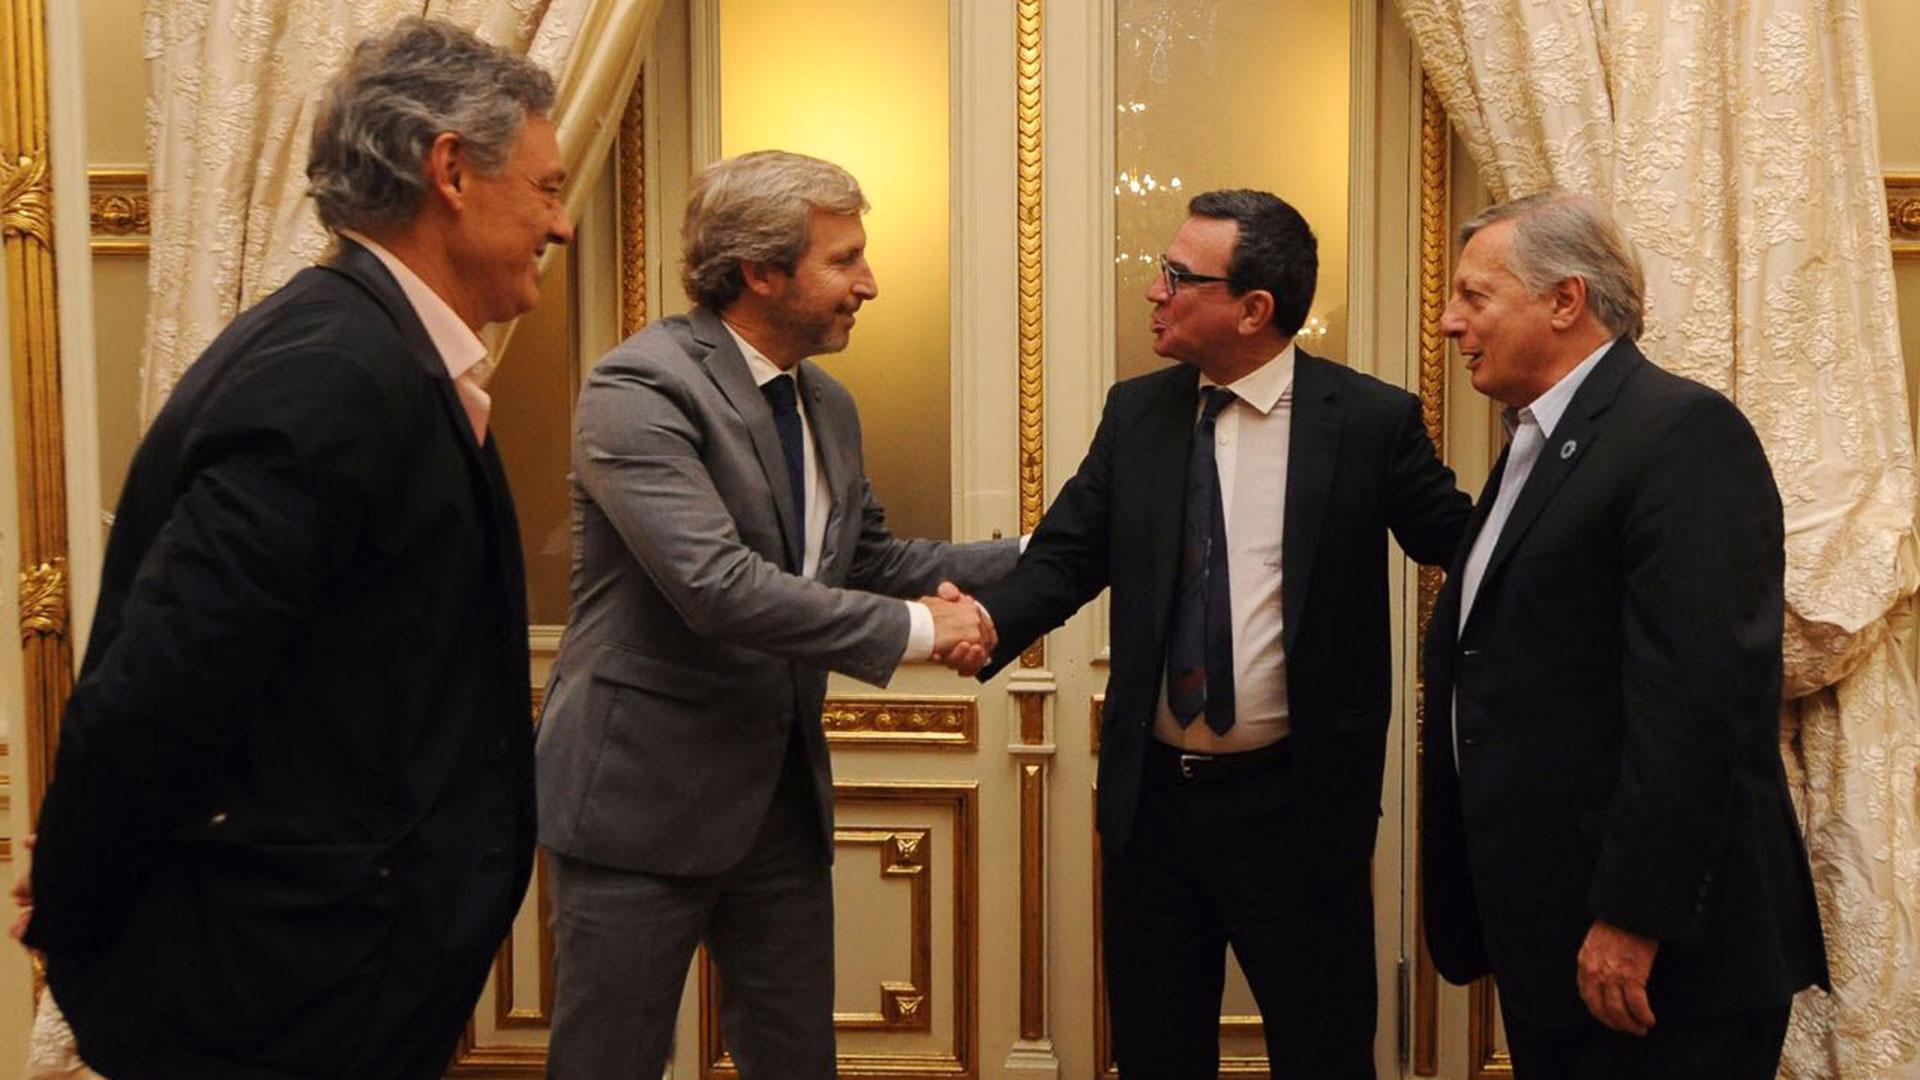 Madanes saluda a Rogelio Firgerio en Casa Rosada en 2017. También estúvieron presentes los ex ministros Francisco Cabrera y Juan José Aranguren